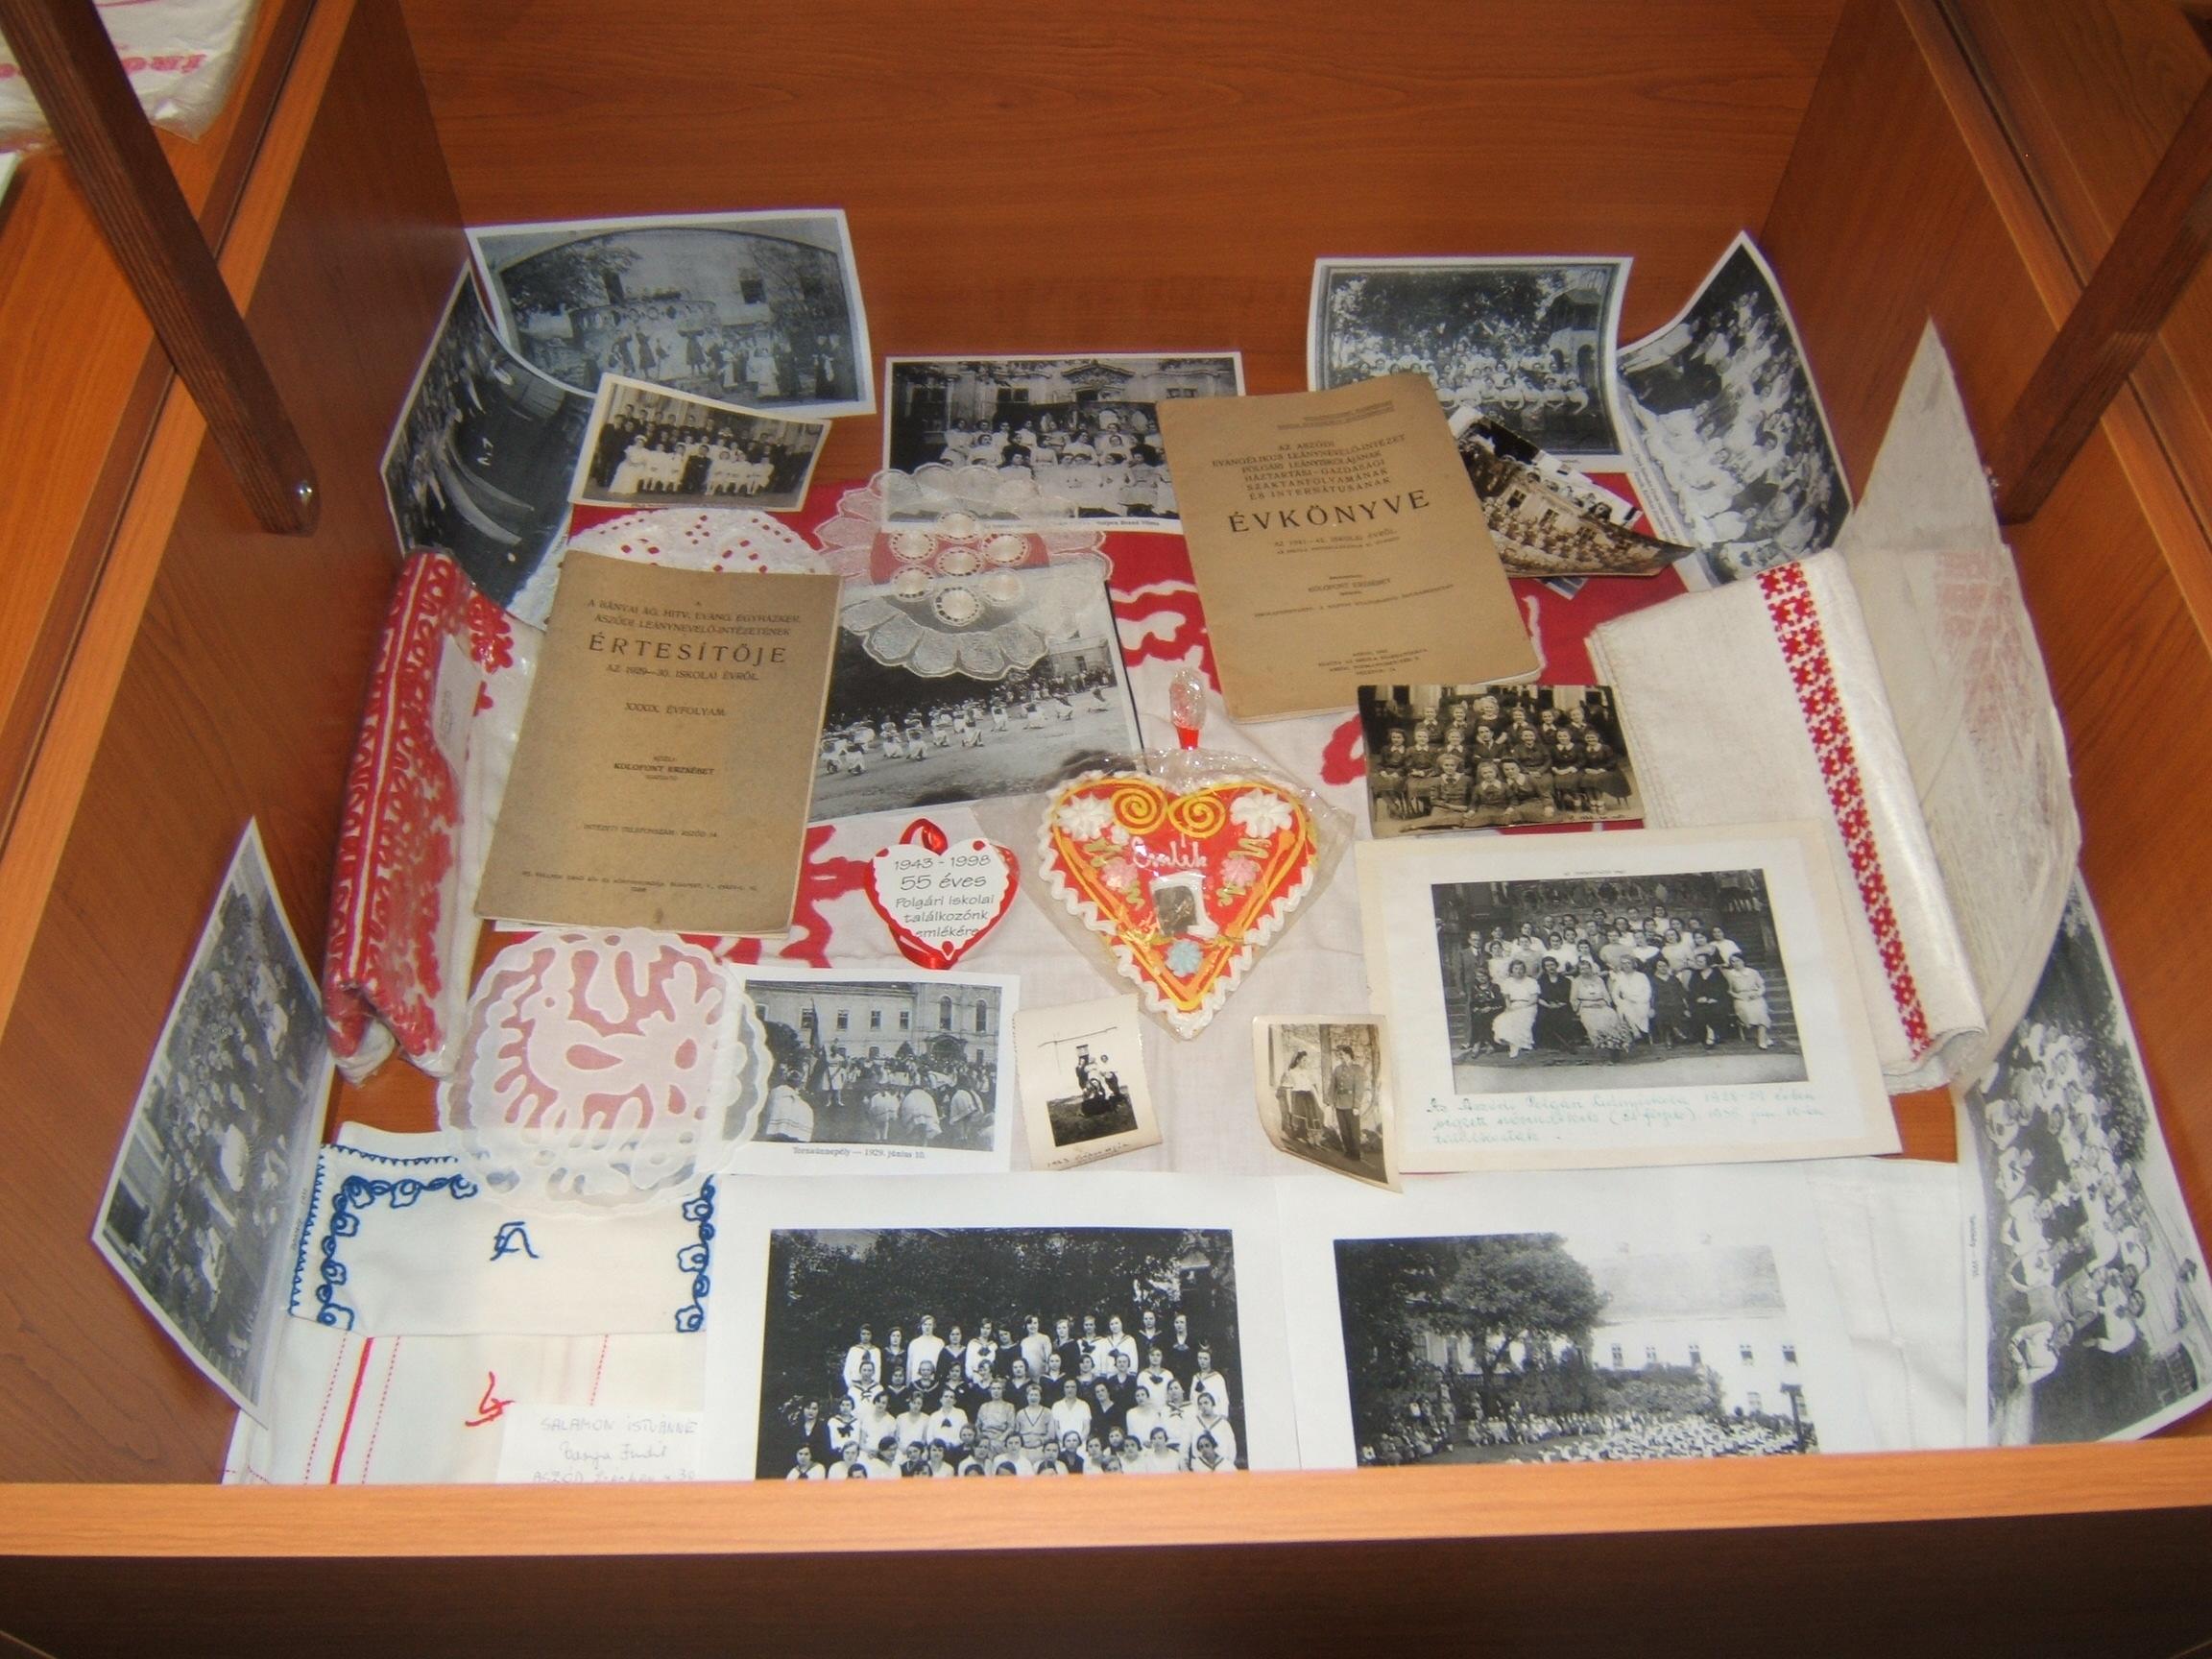 Múzeum képek 2008.12.11.csütörtök középső sor jobb alsó fal 020